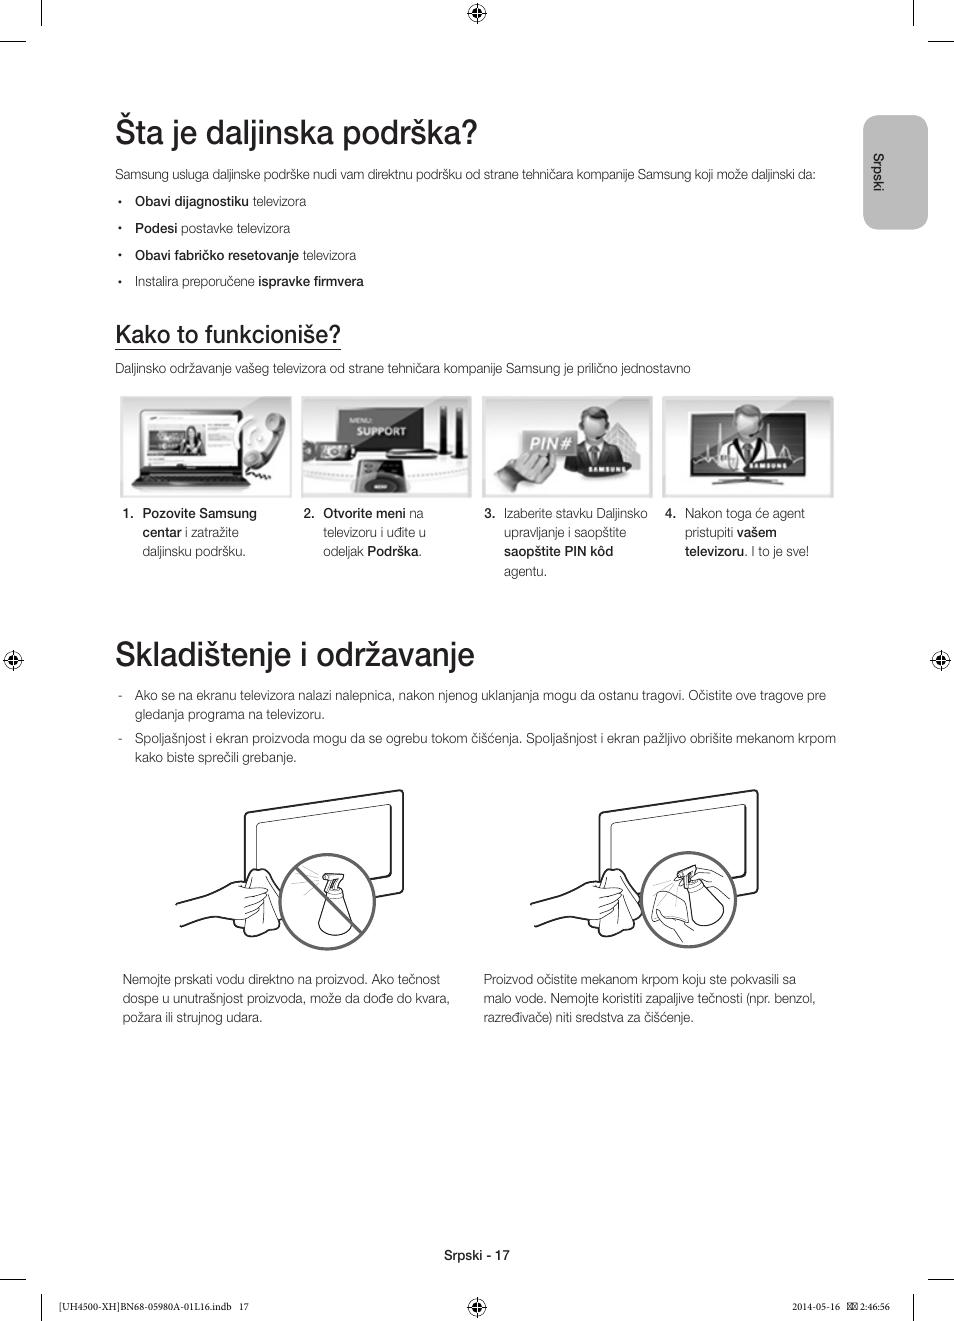 ta je daljinska podr ka skladi tenje i odr avanje kako to rh manualsdir com iPod 5 Manual iPhone 5 Manual